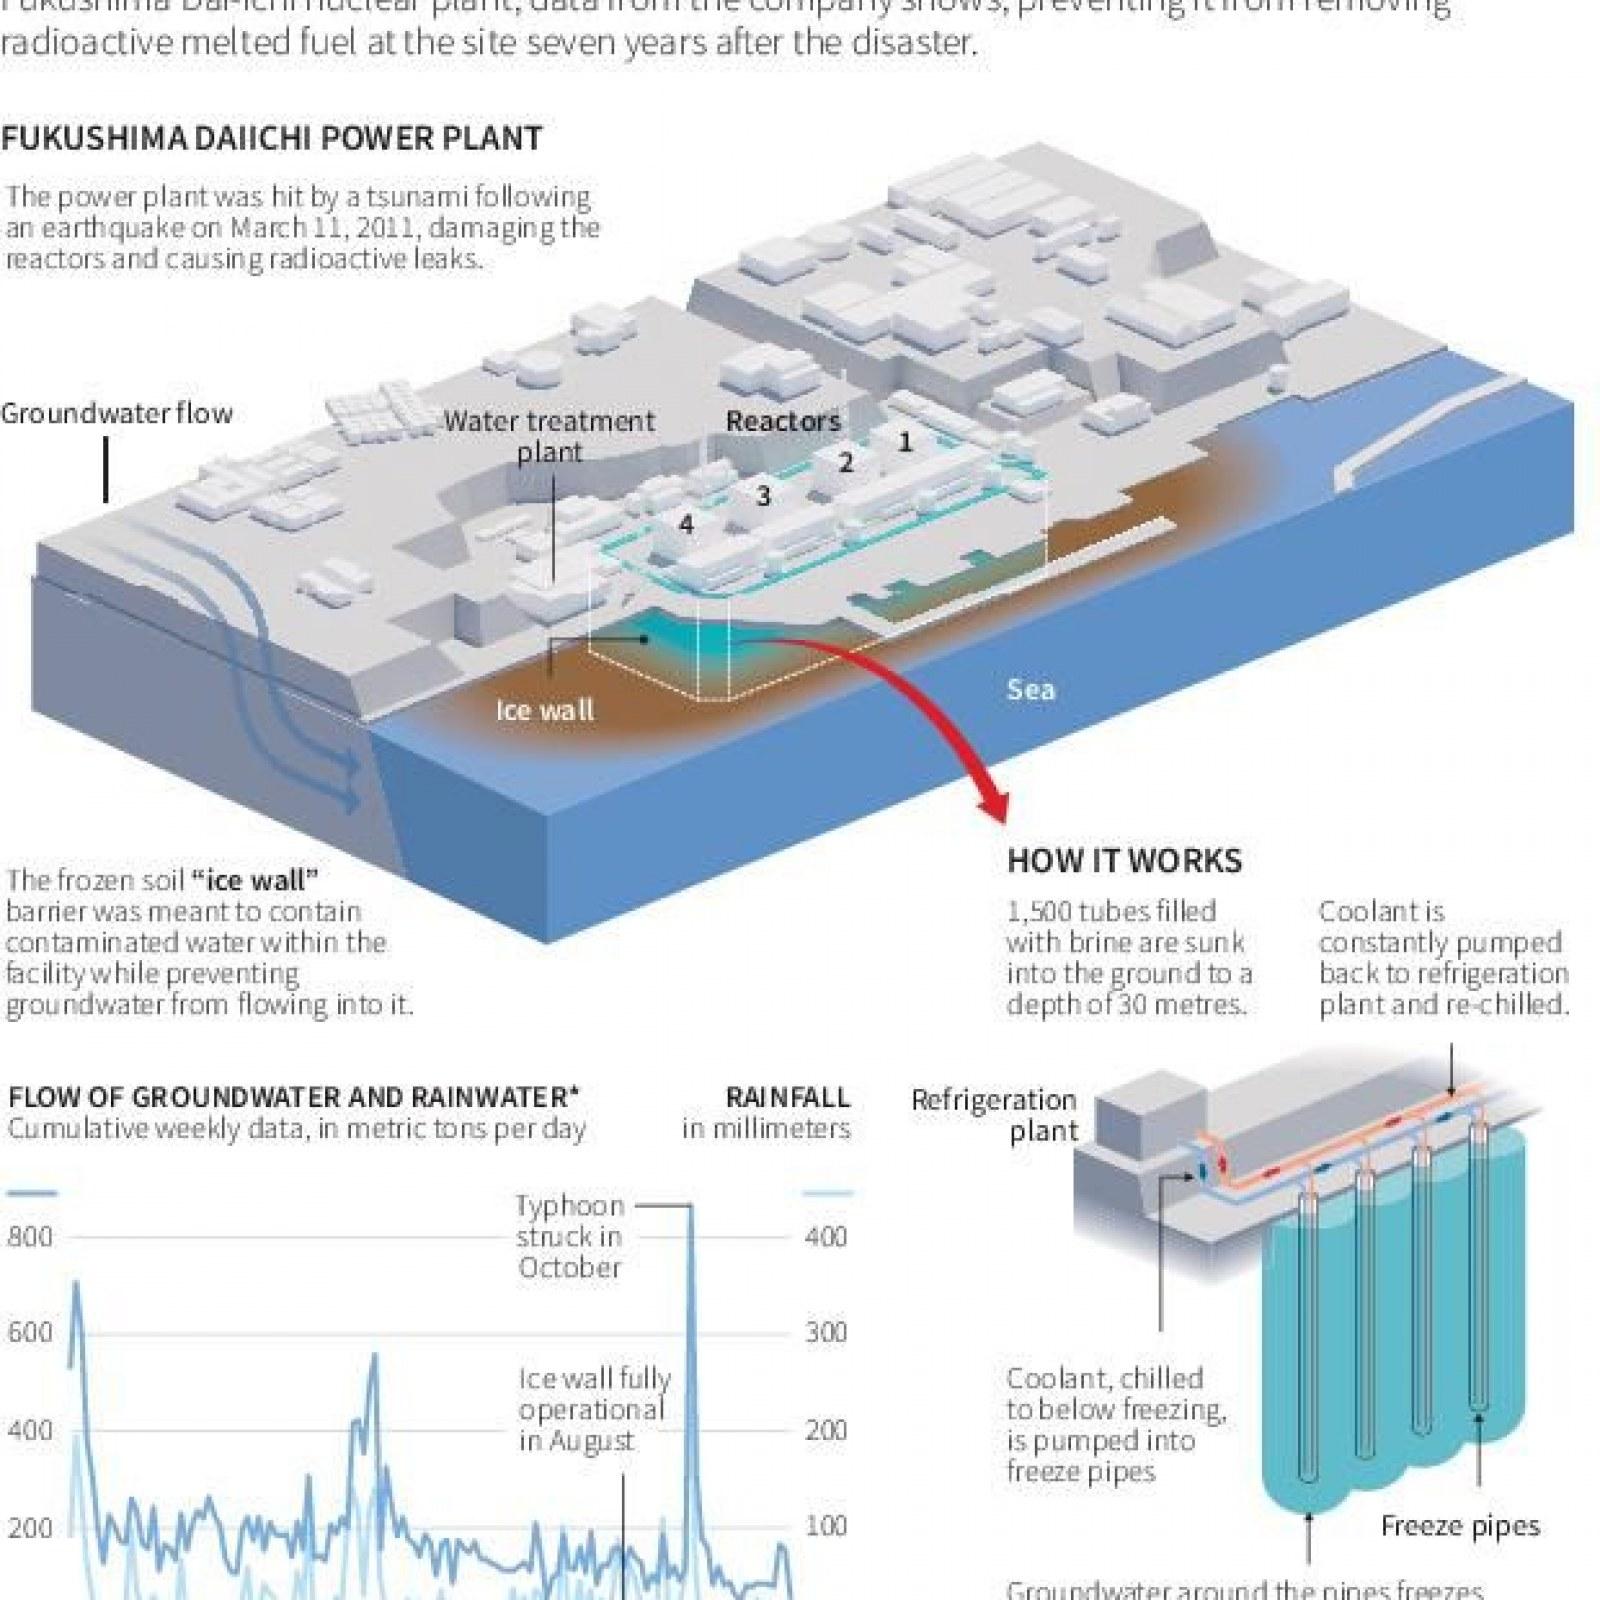 Fukushima Nuclear Plant: Tsunami Wall Could Have Avoided